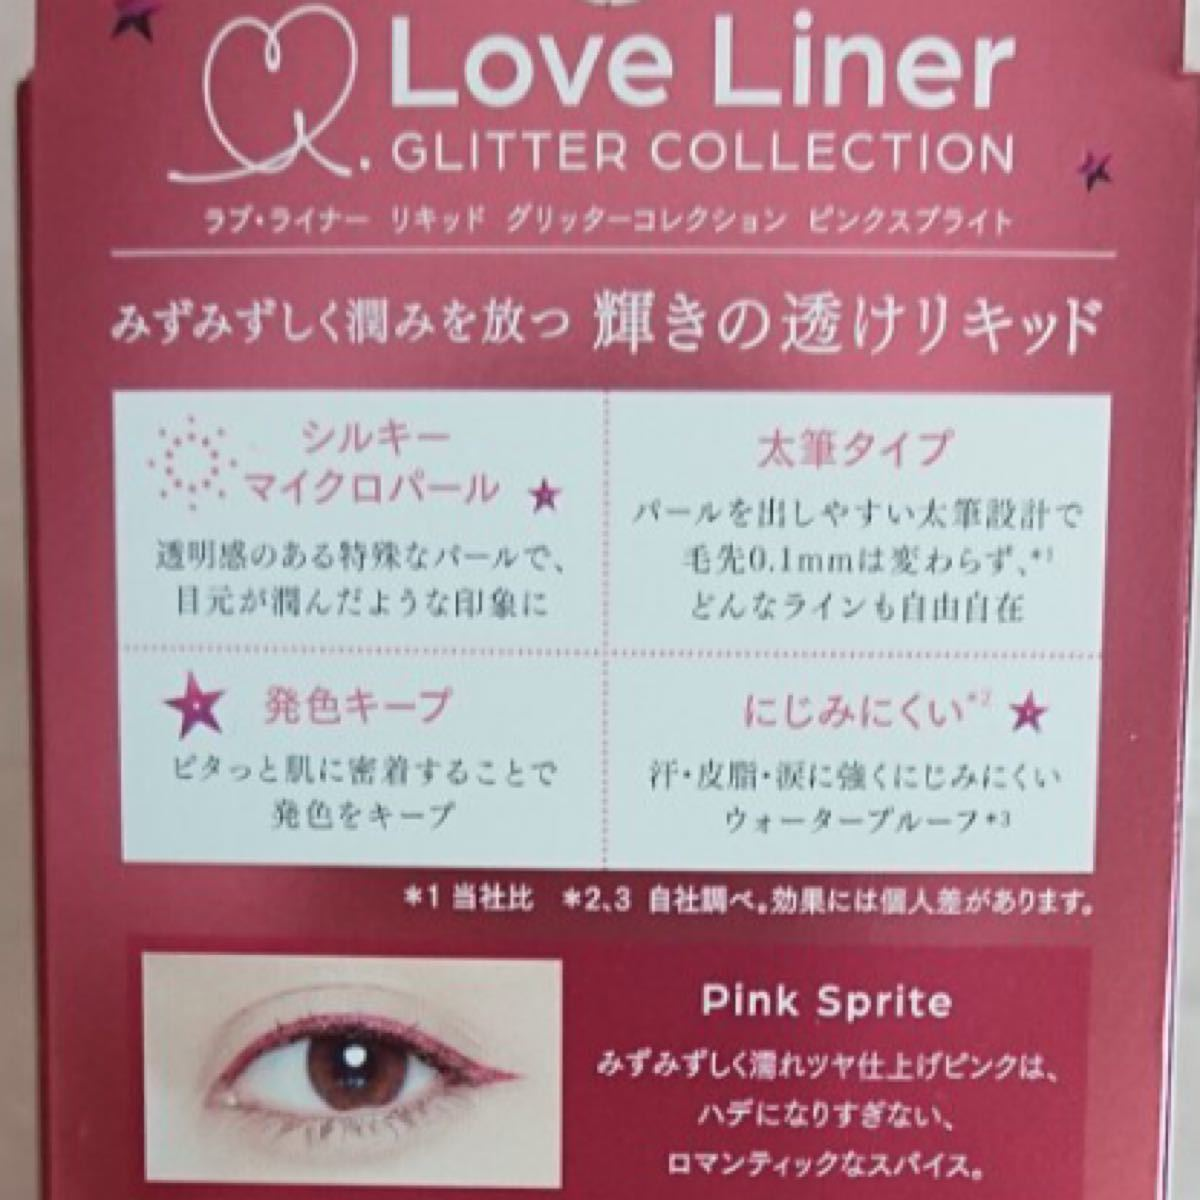 ラブ・ライナー リキッド (love liner liquid)アイライナー GC2 PSP ピンク色